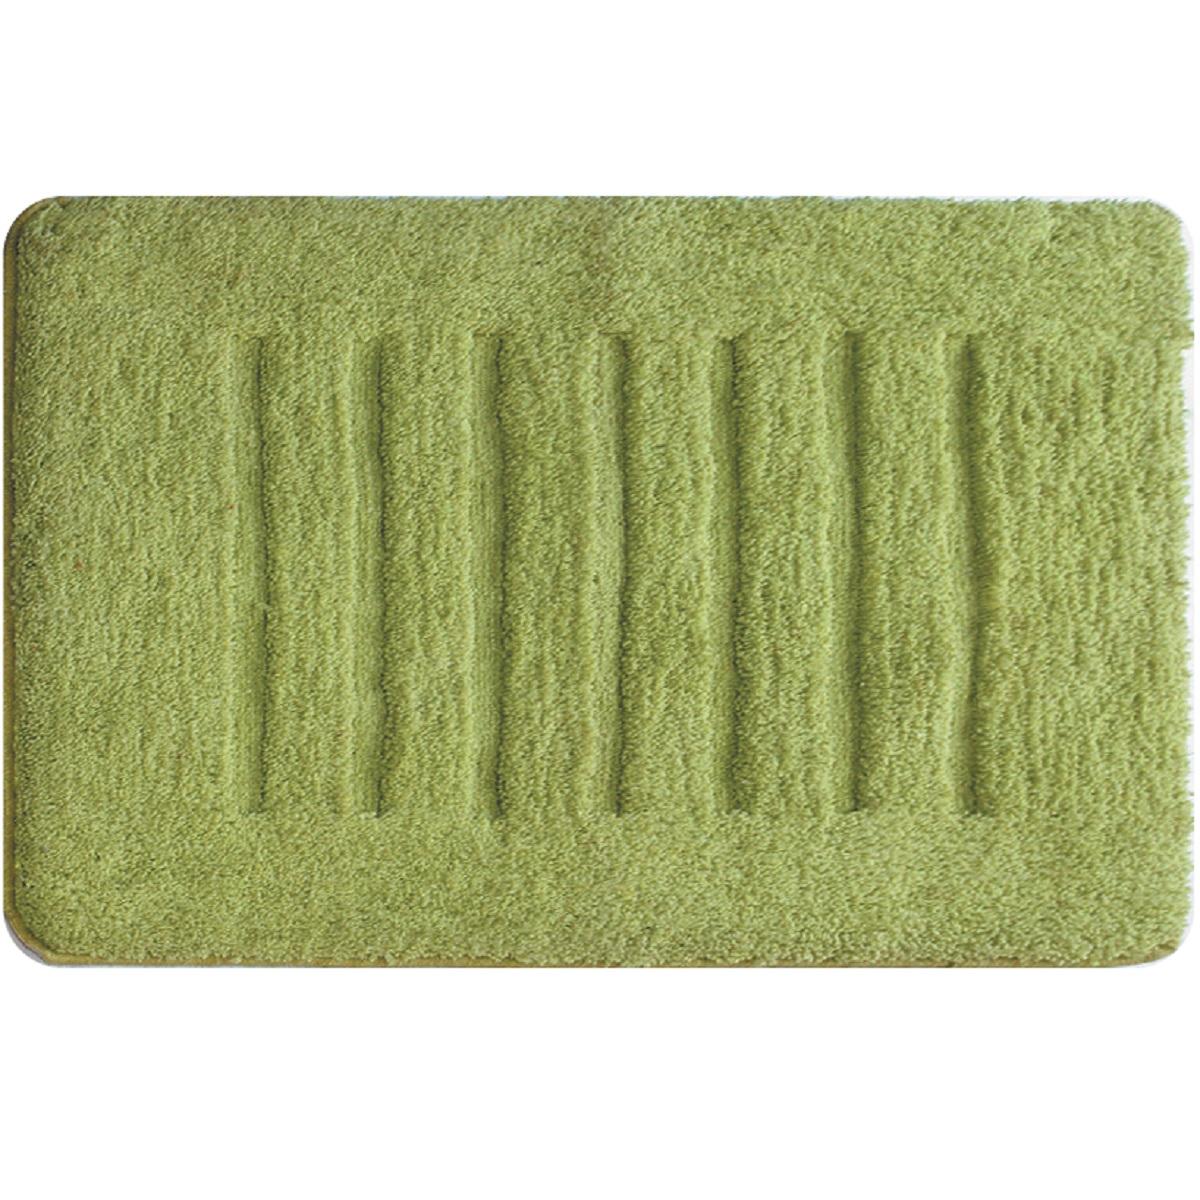 Коврик для ванной Milardo Green Lines, цвет: зеленый, 50 х 80 смMMI181MКоврик для ванной комнаты Milardo выполнен из микрофибры (100% полиэстер) на латексной основе. Коврик долго прослужит в вашем доме, добавляя тепло и уют, а также внесет неповторимый колорит в интерьер ванной комнаты.Высота ворса: 1 см.